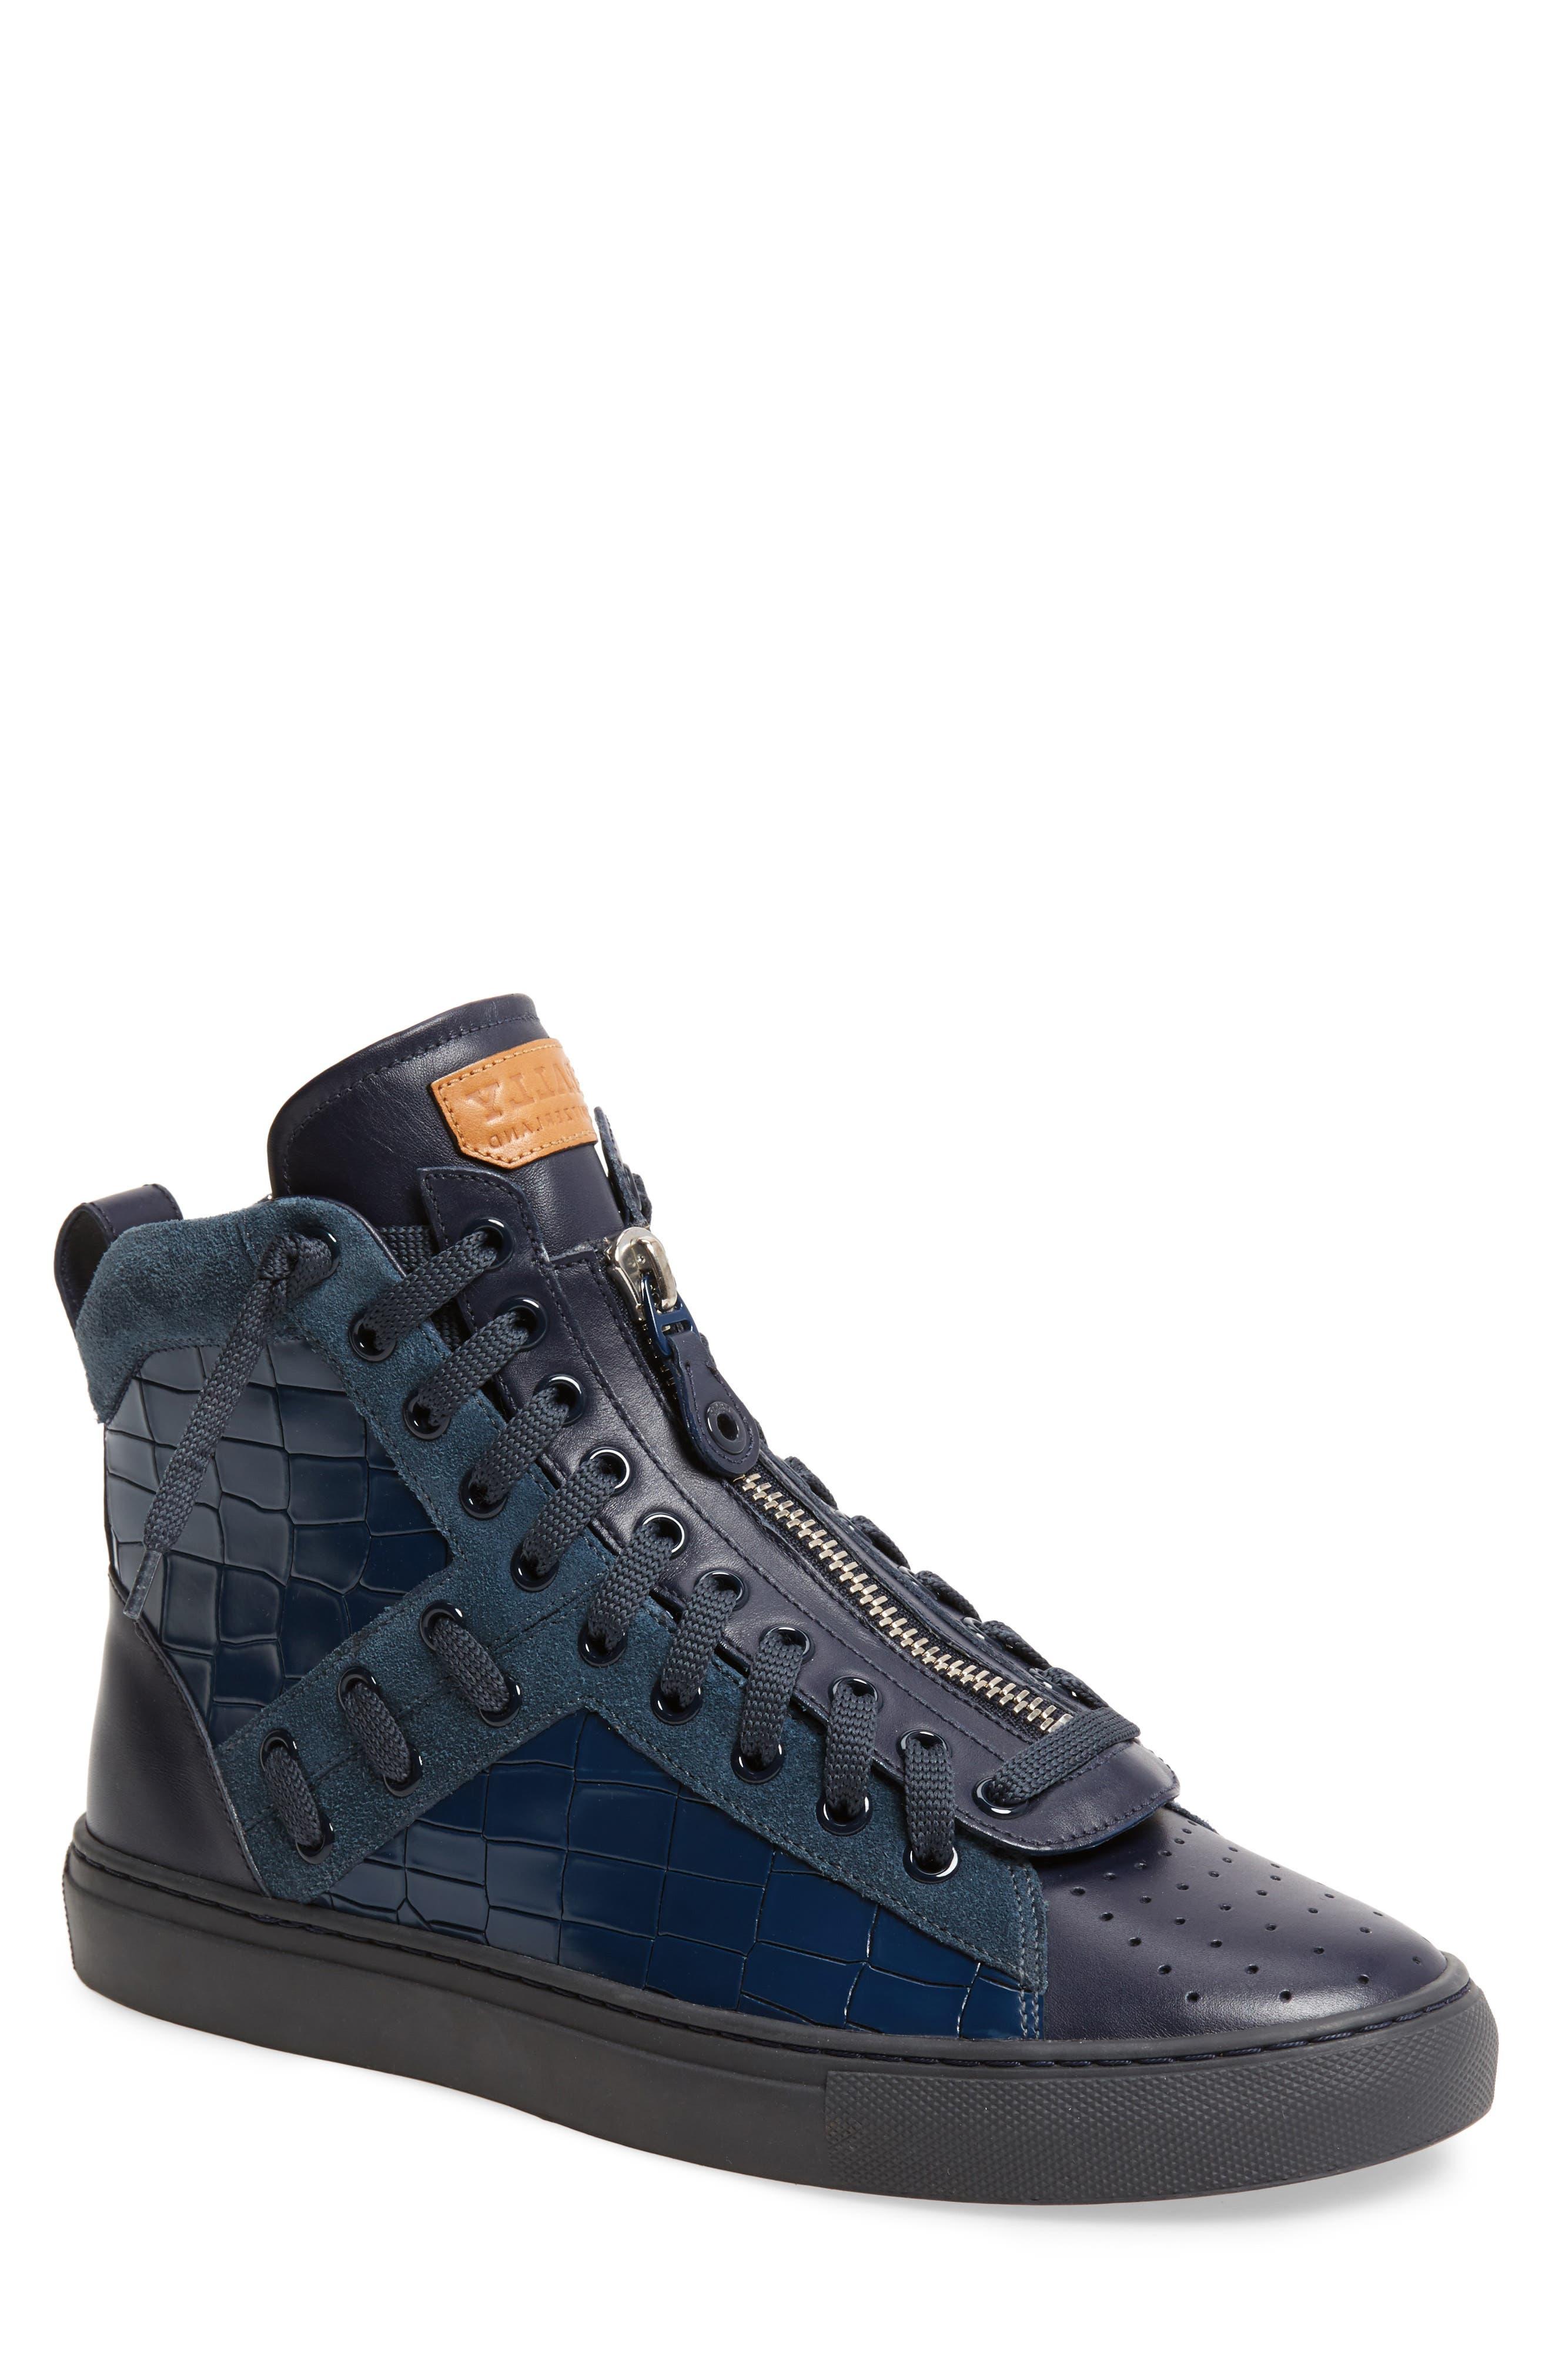 Hekem High-Top Sneaker,                         Main,                         color, Ocean